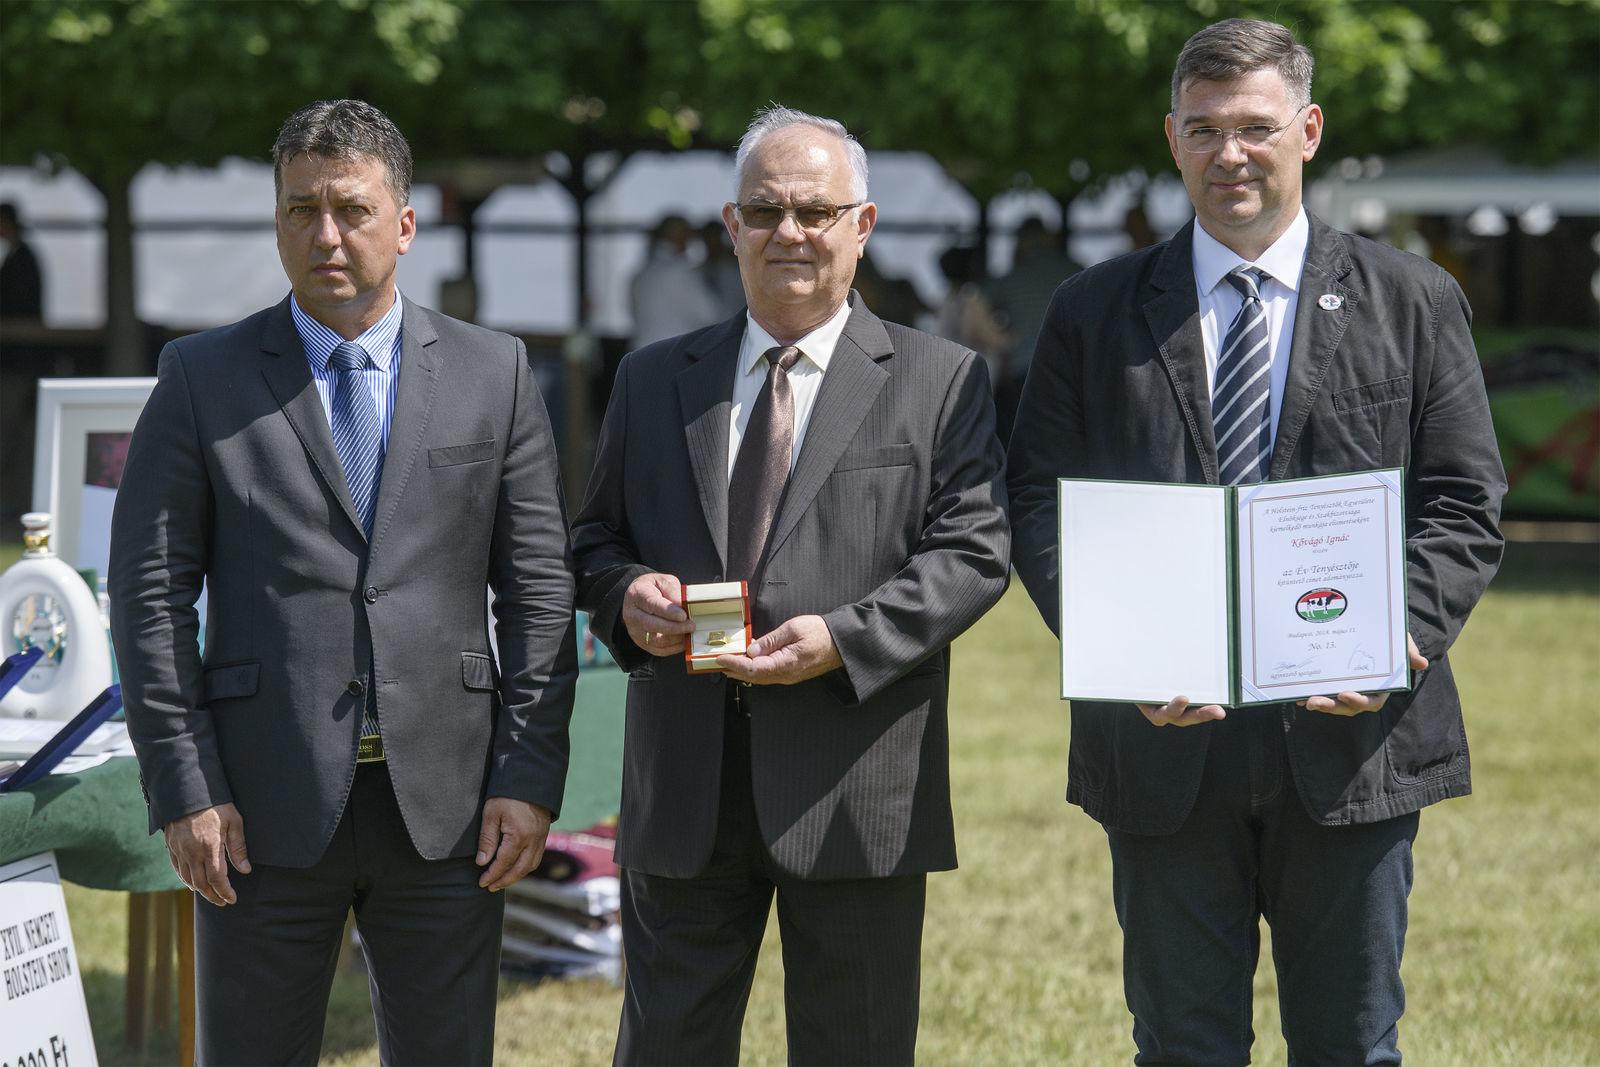 Kővágó Ignácnak a díjat a Holstein-fríz Tenyésztők Egyesületének ügyvezető igazgatója, Bognár László és Antal Gábor elnökségi tag adta át